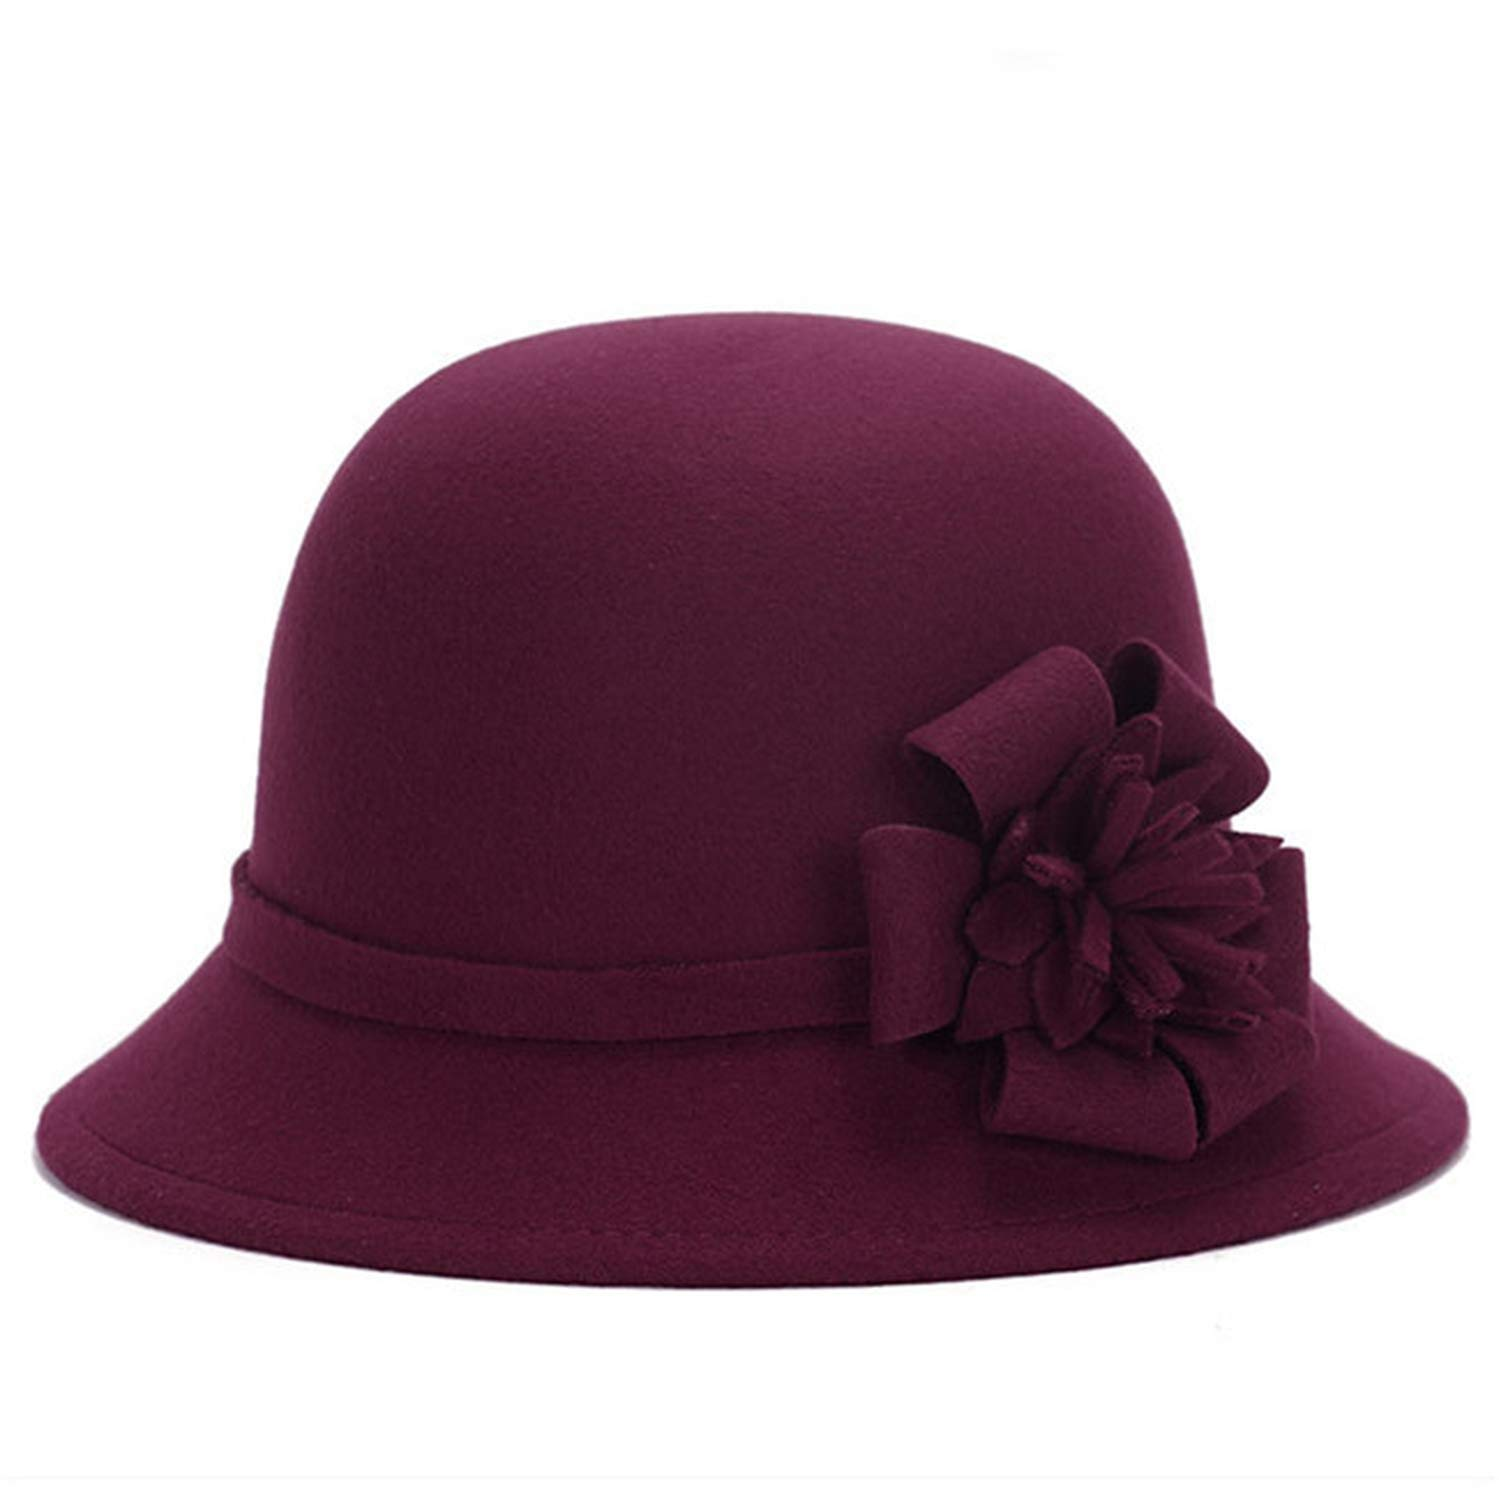 CHENTAI Women Wool Felt Fedora Flowers Hat Wide Brim Hat Autumn Winter Noble European American Cap